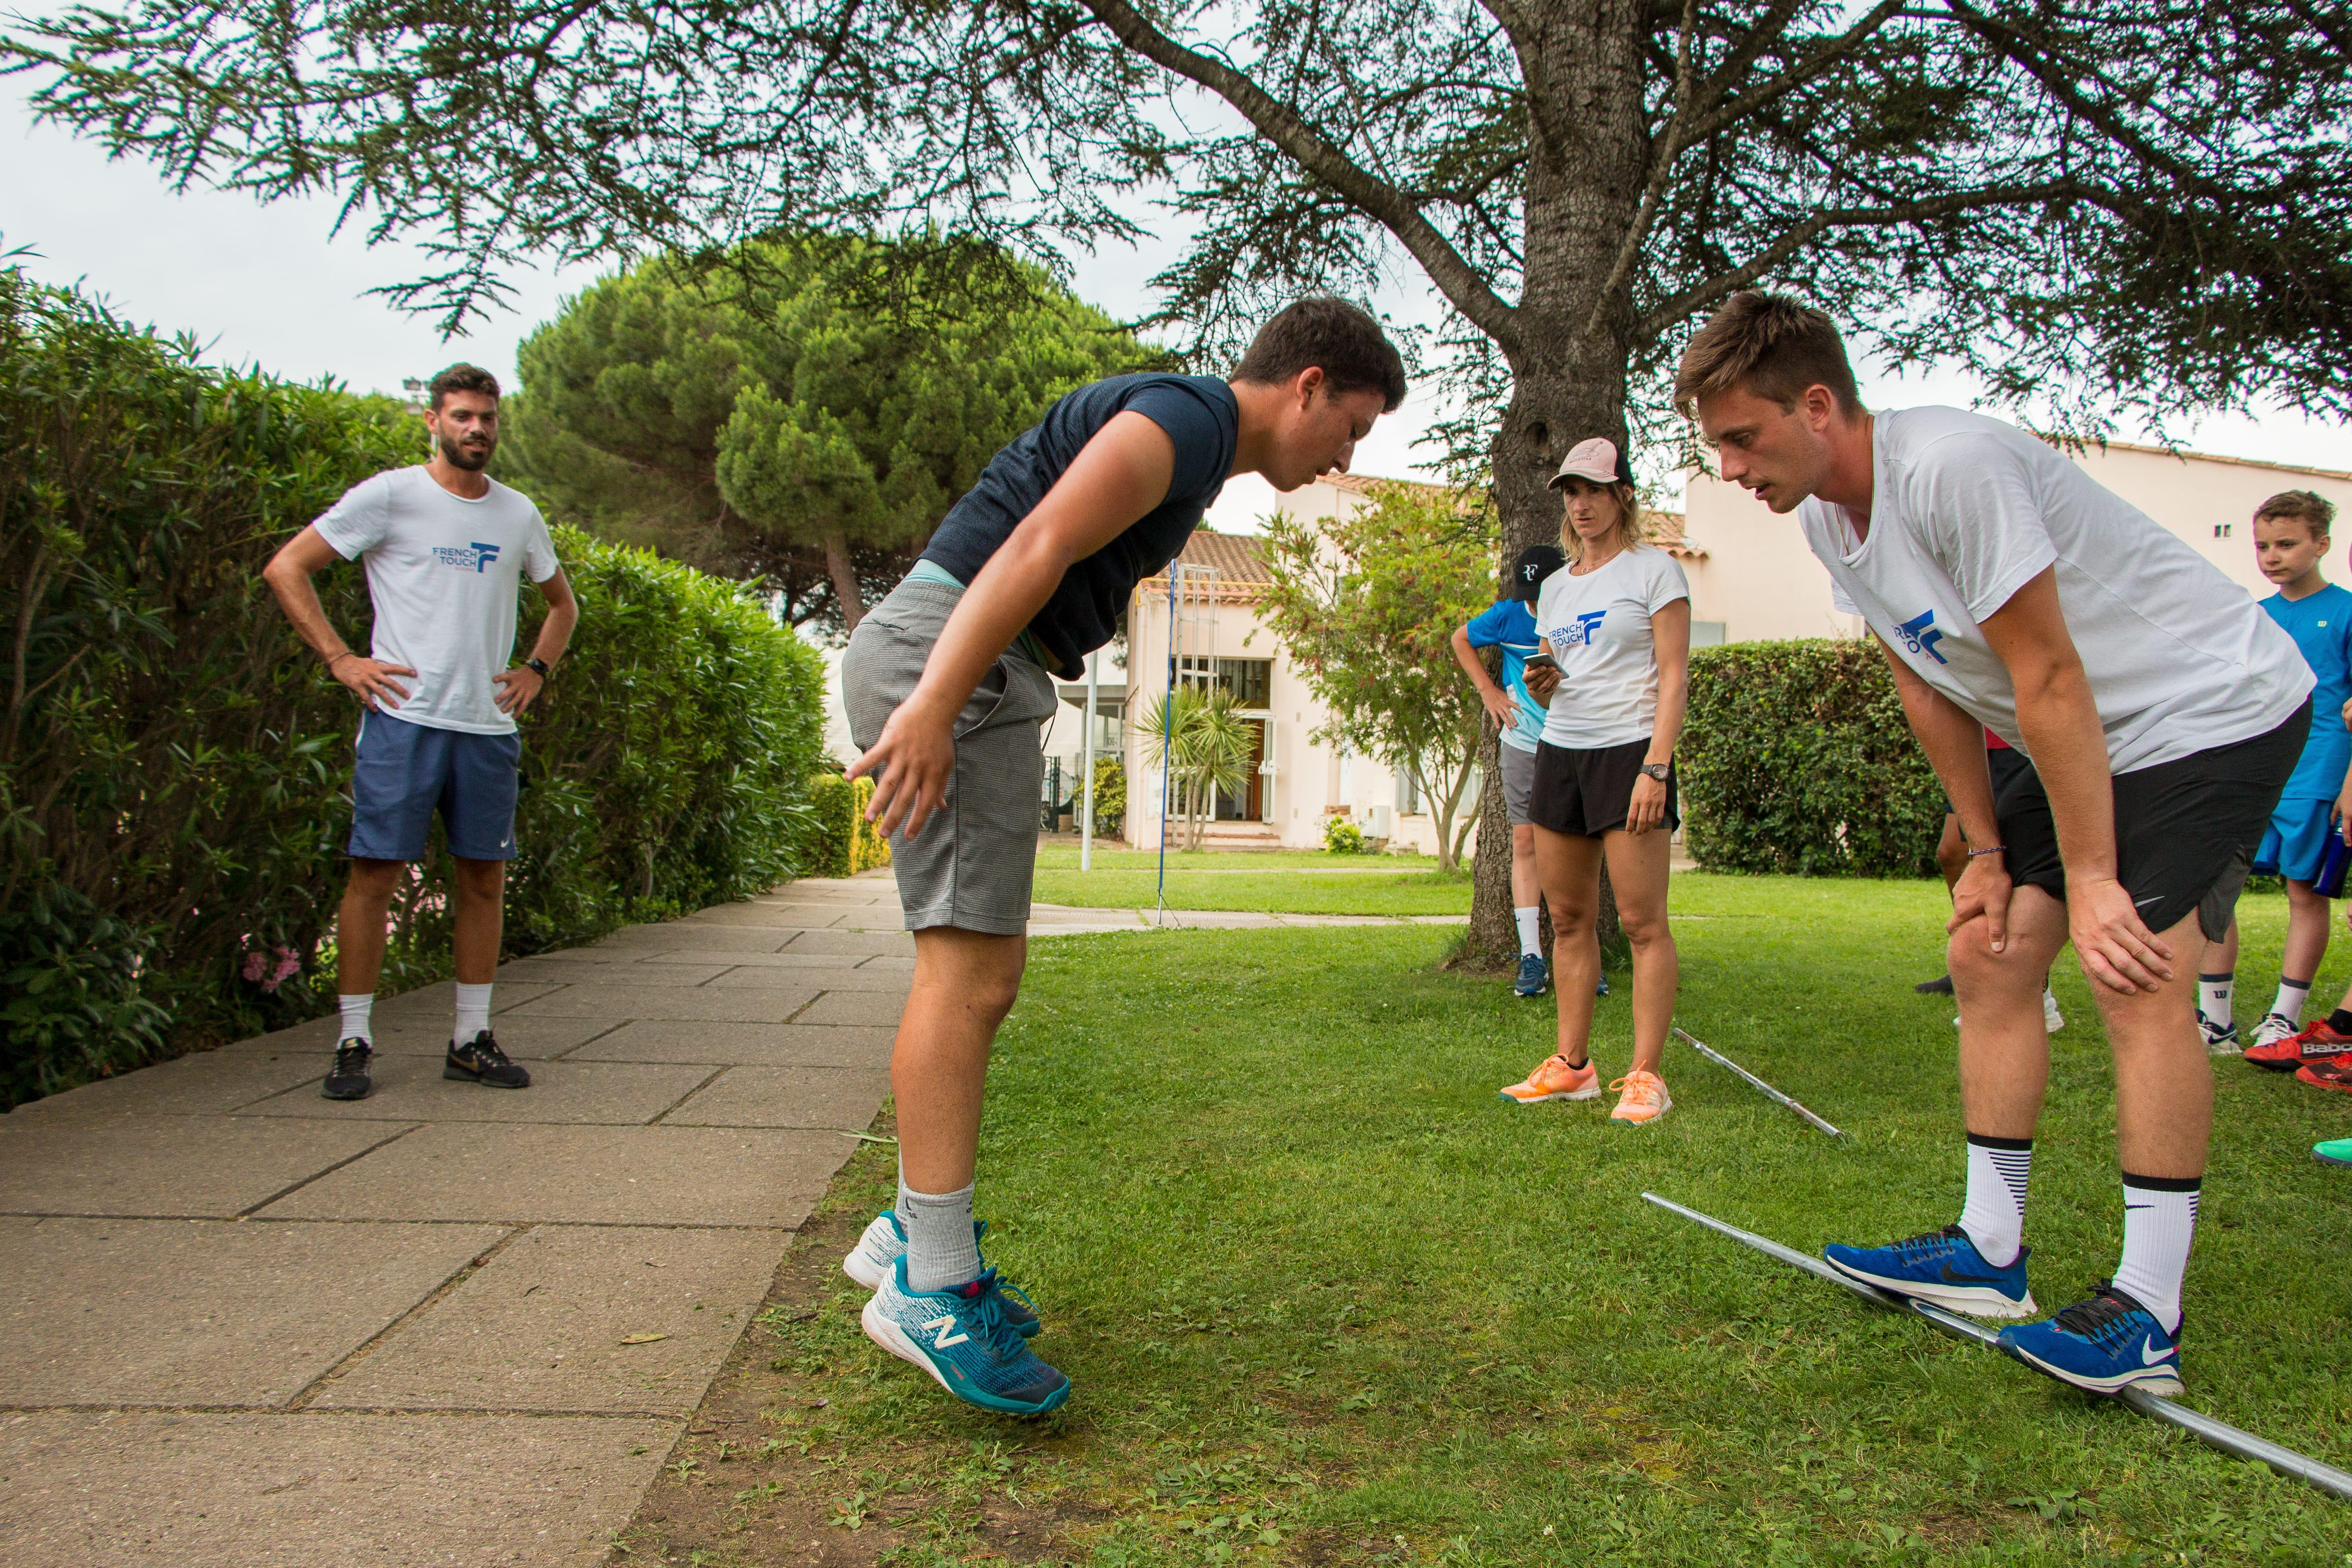 Un entrainement de physique adapté à la pratique du tennis